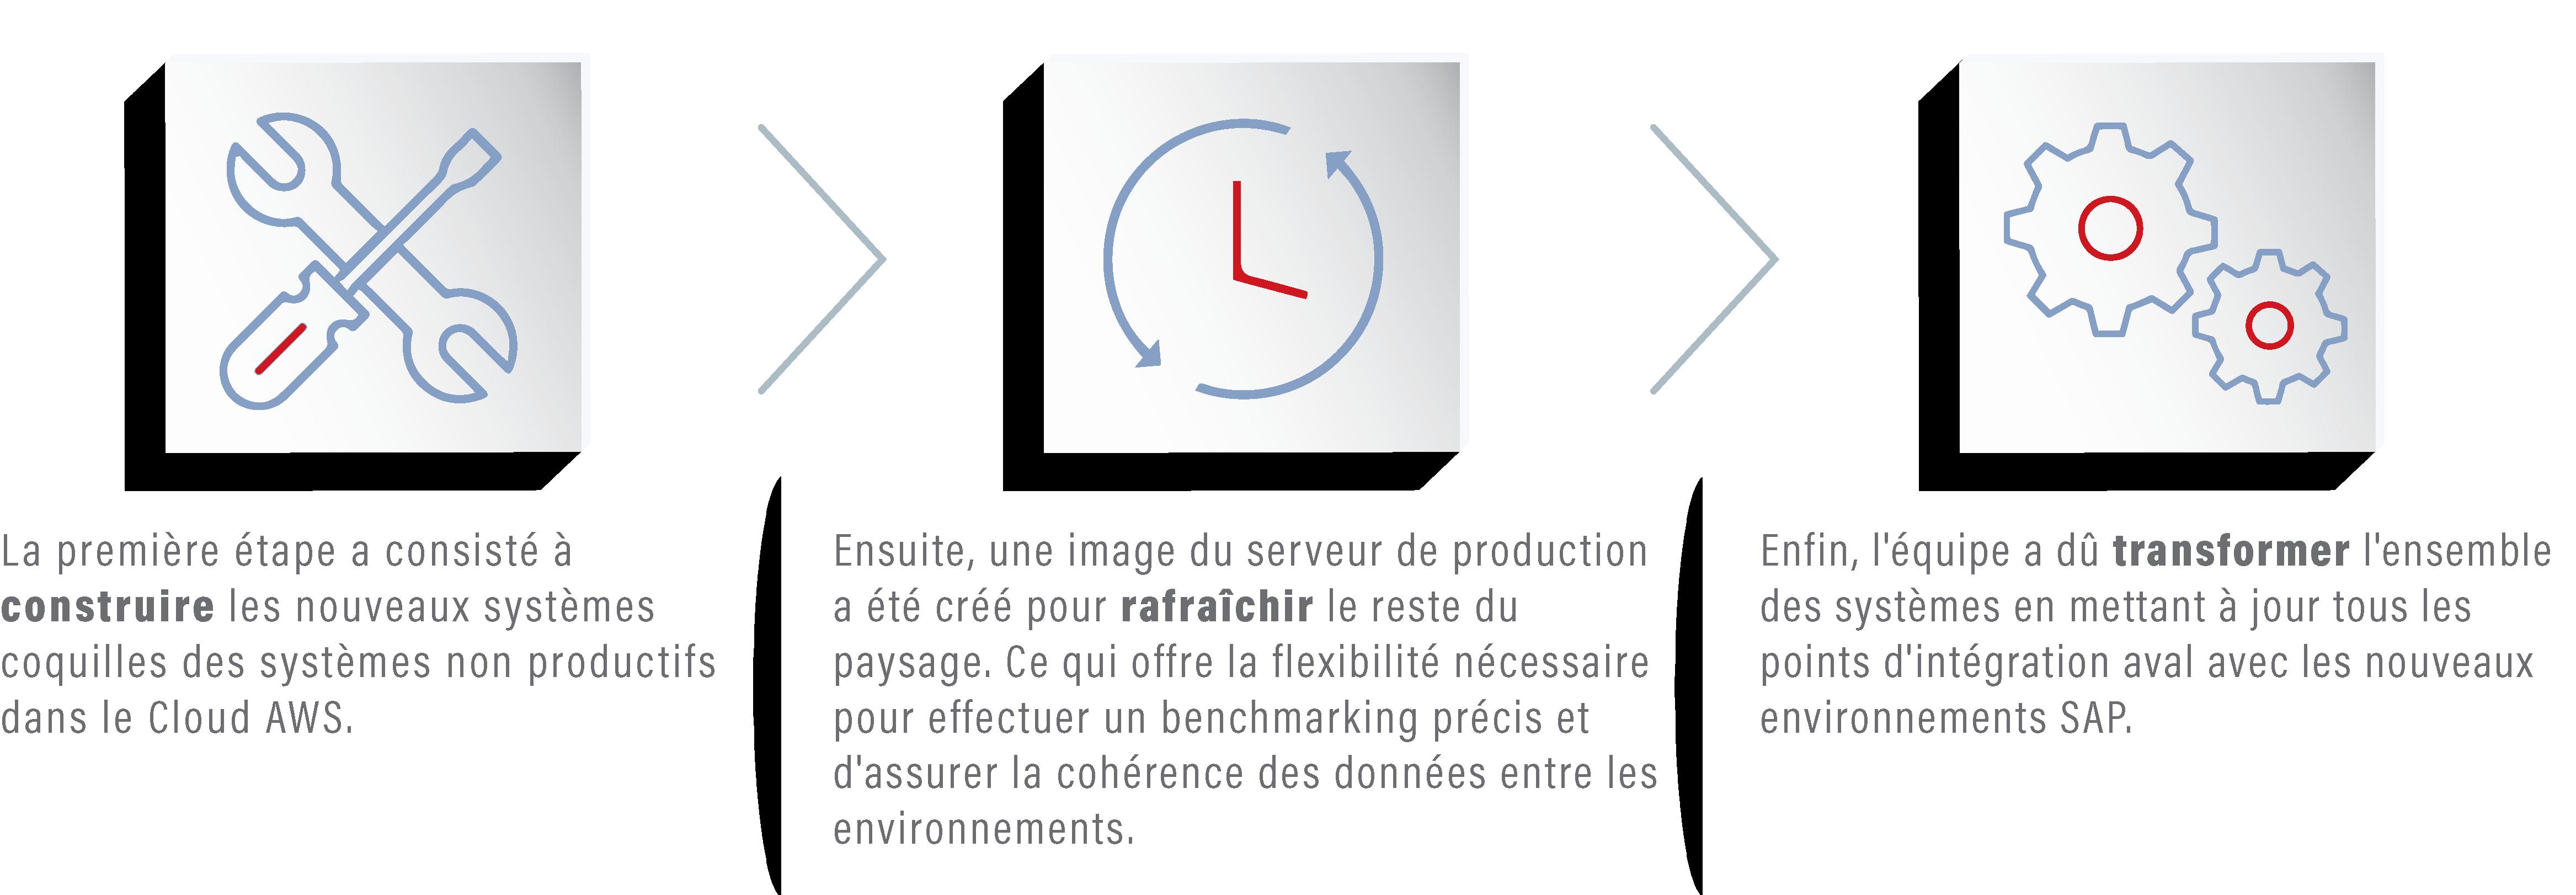 Le périmètre du projet de réalignement incluait les systèmes SAP ECC (Enterprise Central Component), SAP EWM (Extended Warehouse Management), SAP PI (Process Integration) et SAP BW (Business Warehouse)